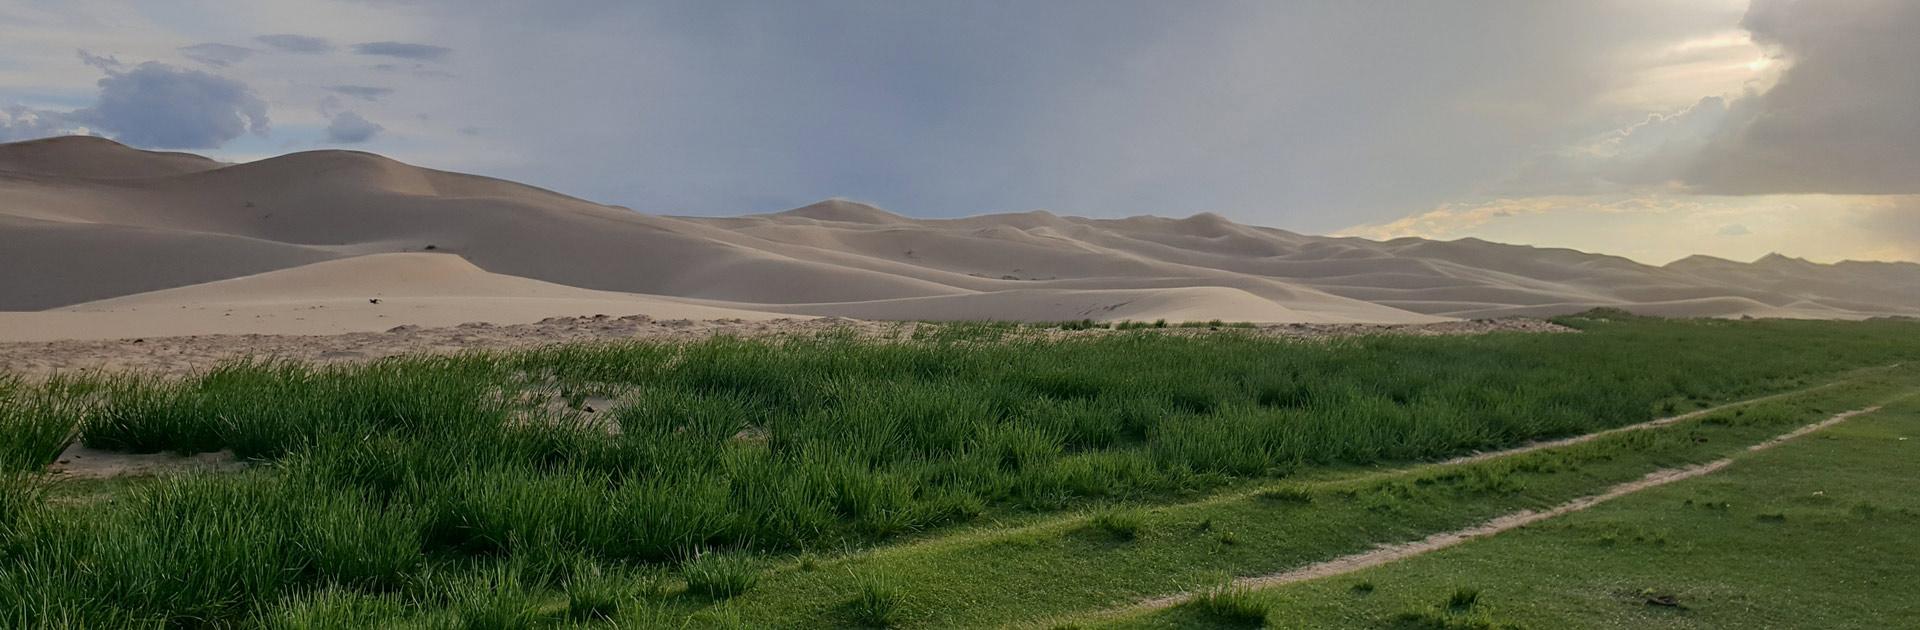 MN Mongolia con Festival Naadam 16 días 3